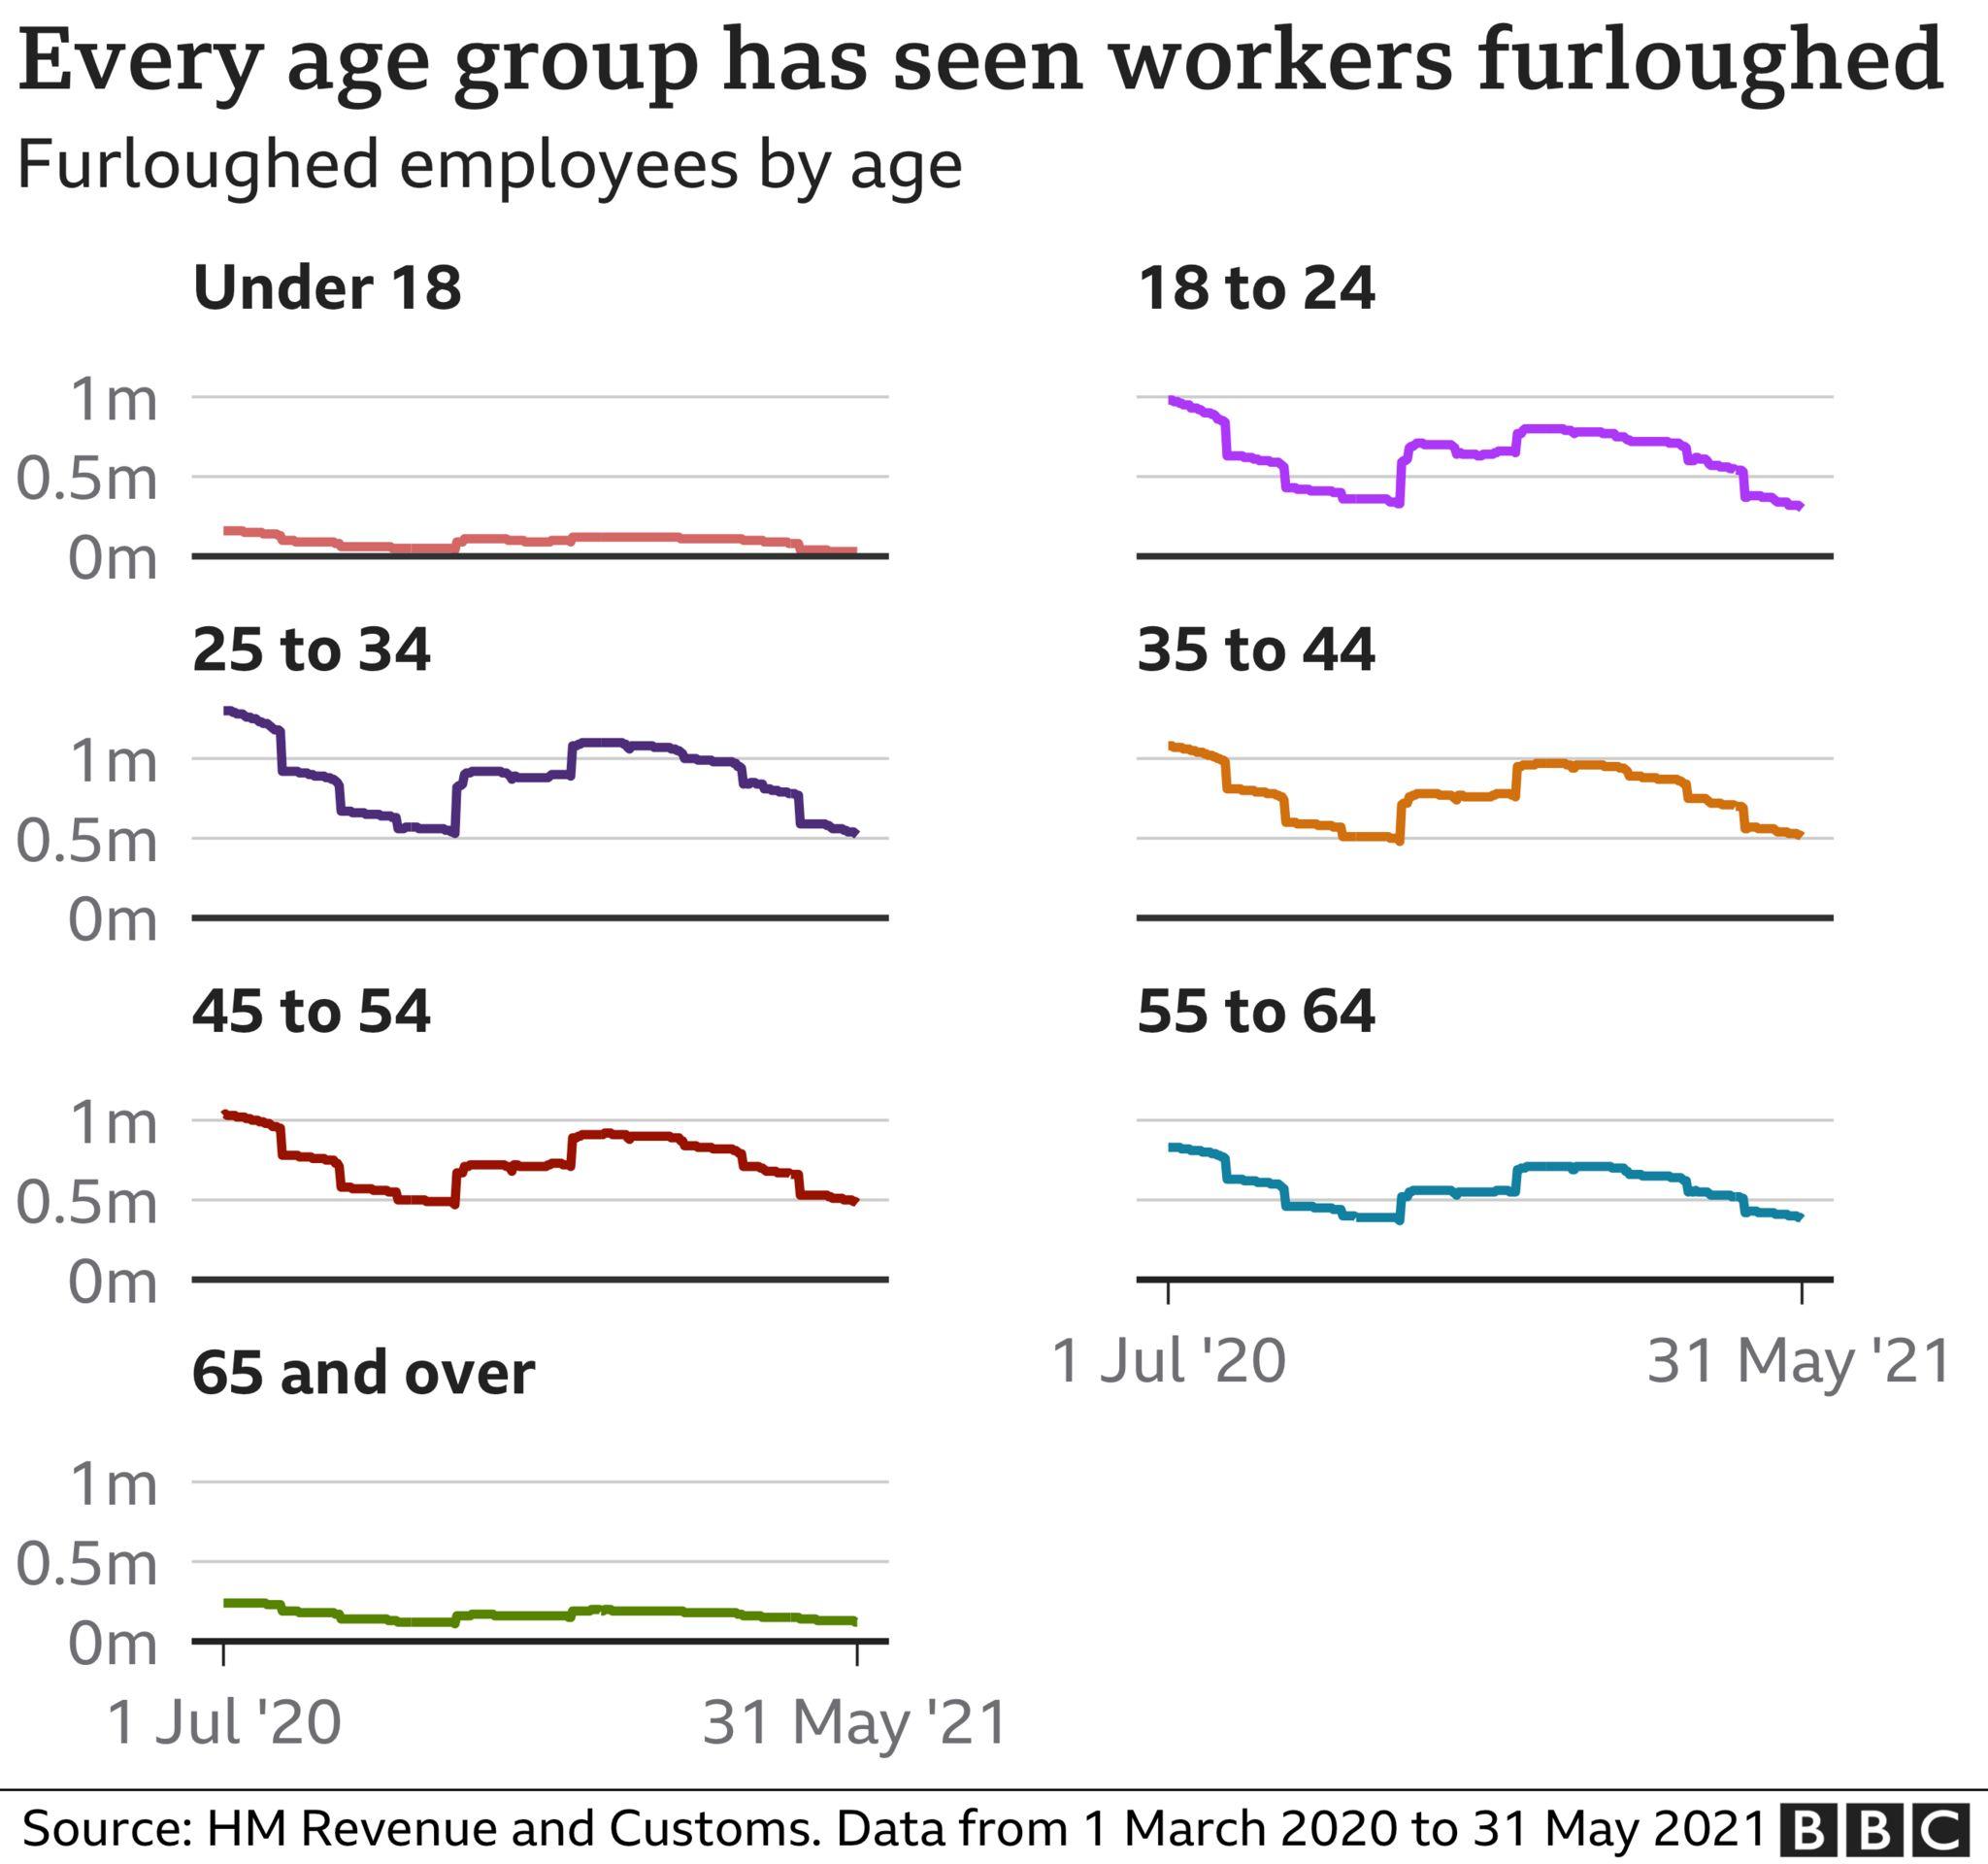 graphic of furlough age breakdown